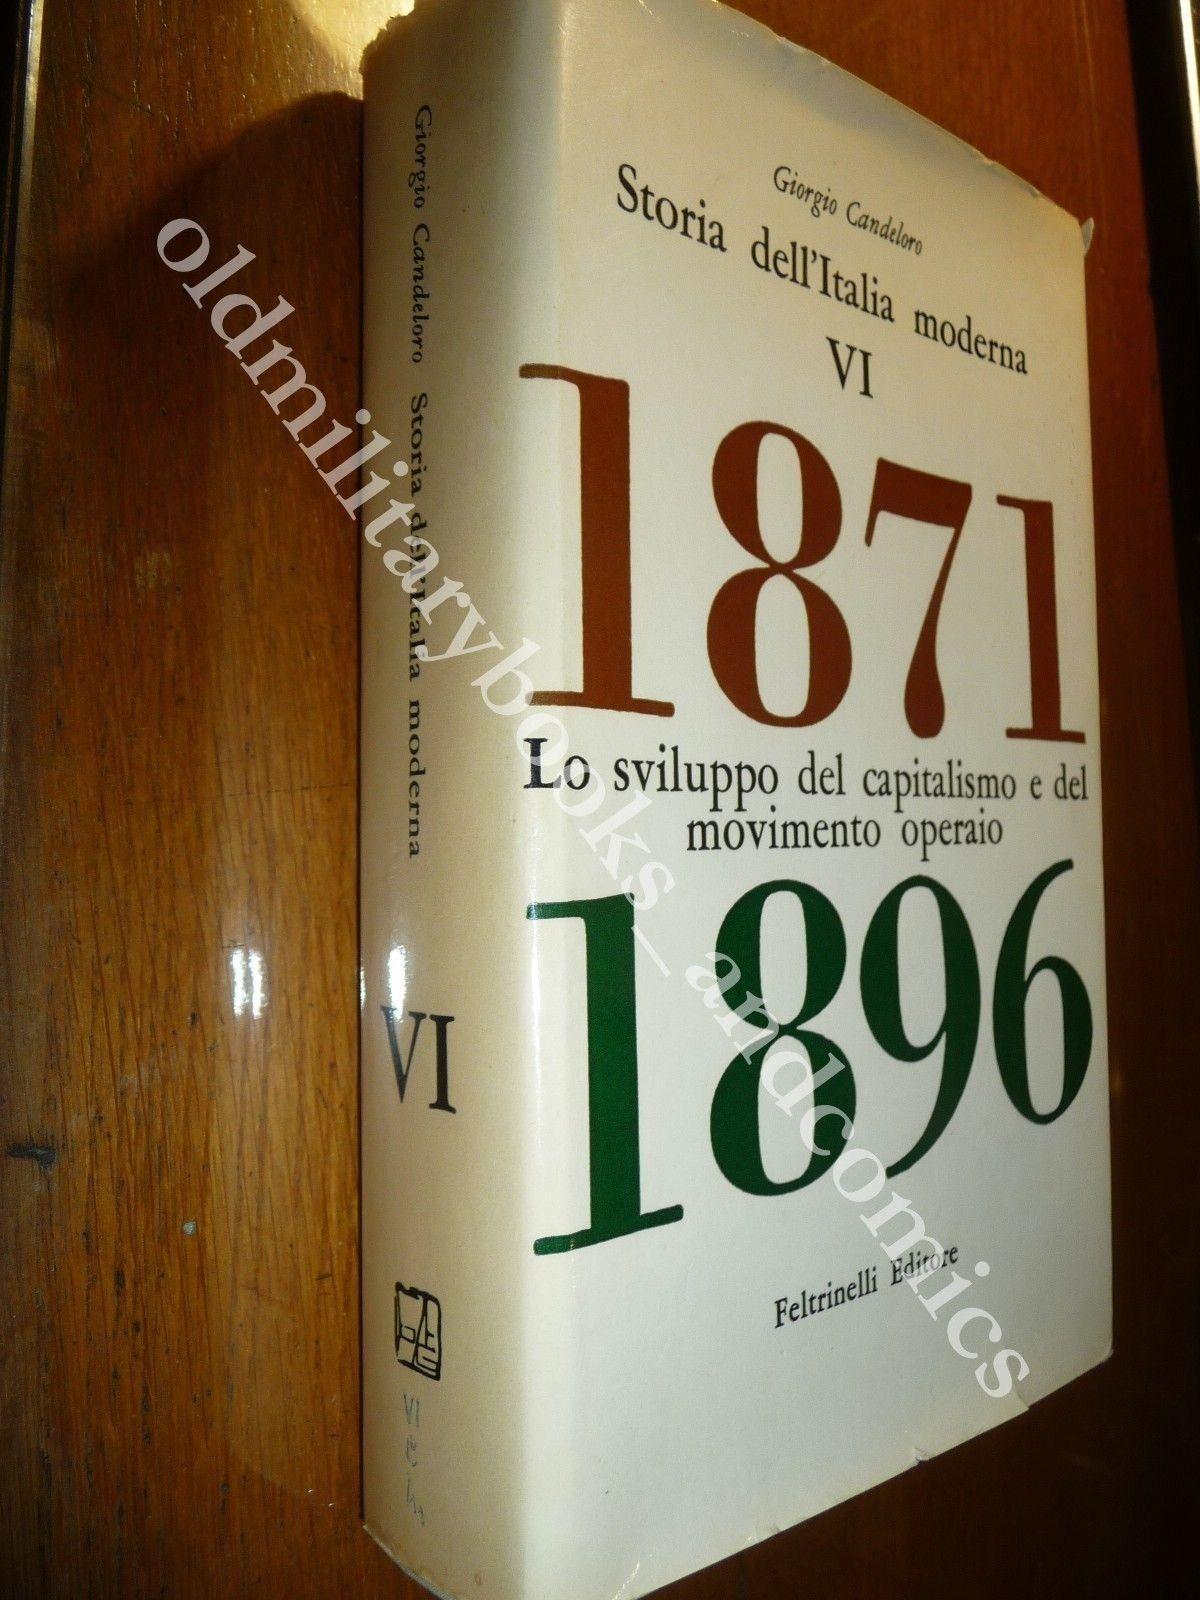 LO SVILUPPO DEL CAPITALISMO E DEL MOVIMENTO OPERAIO 1871-1896 GIORGIO CANDELORO